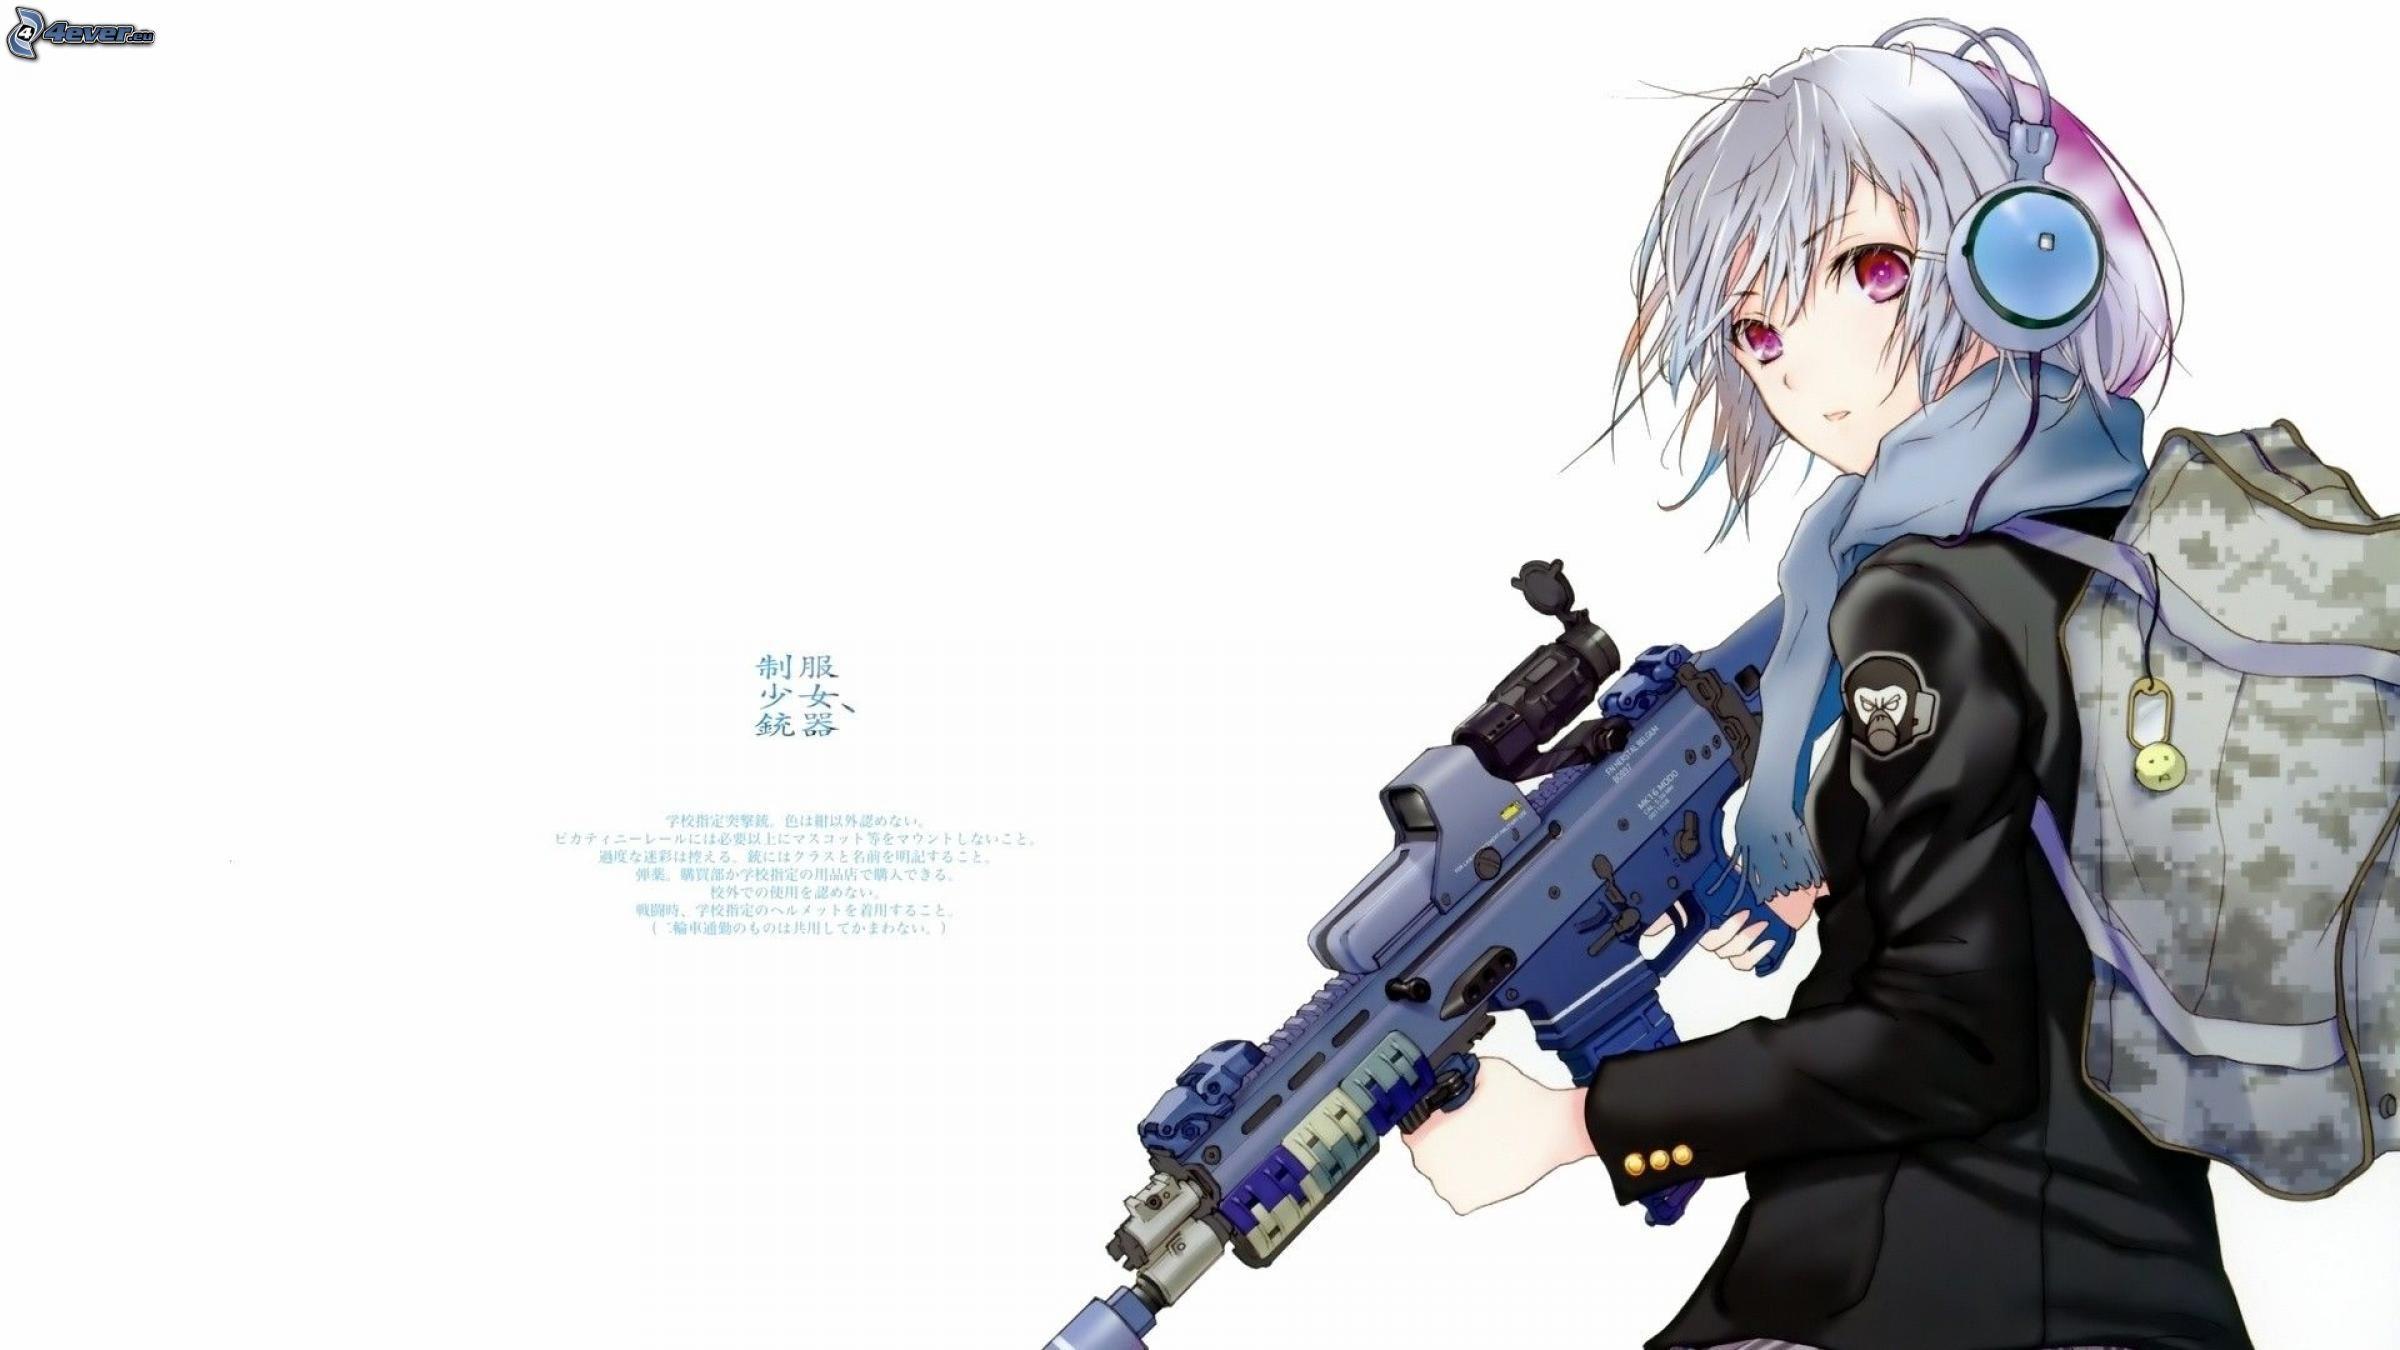 Anime girl - Anime girl with weapon ...